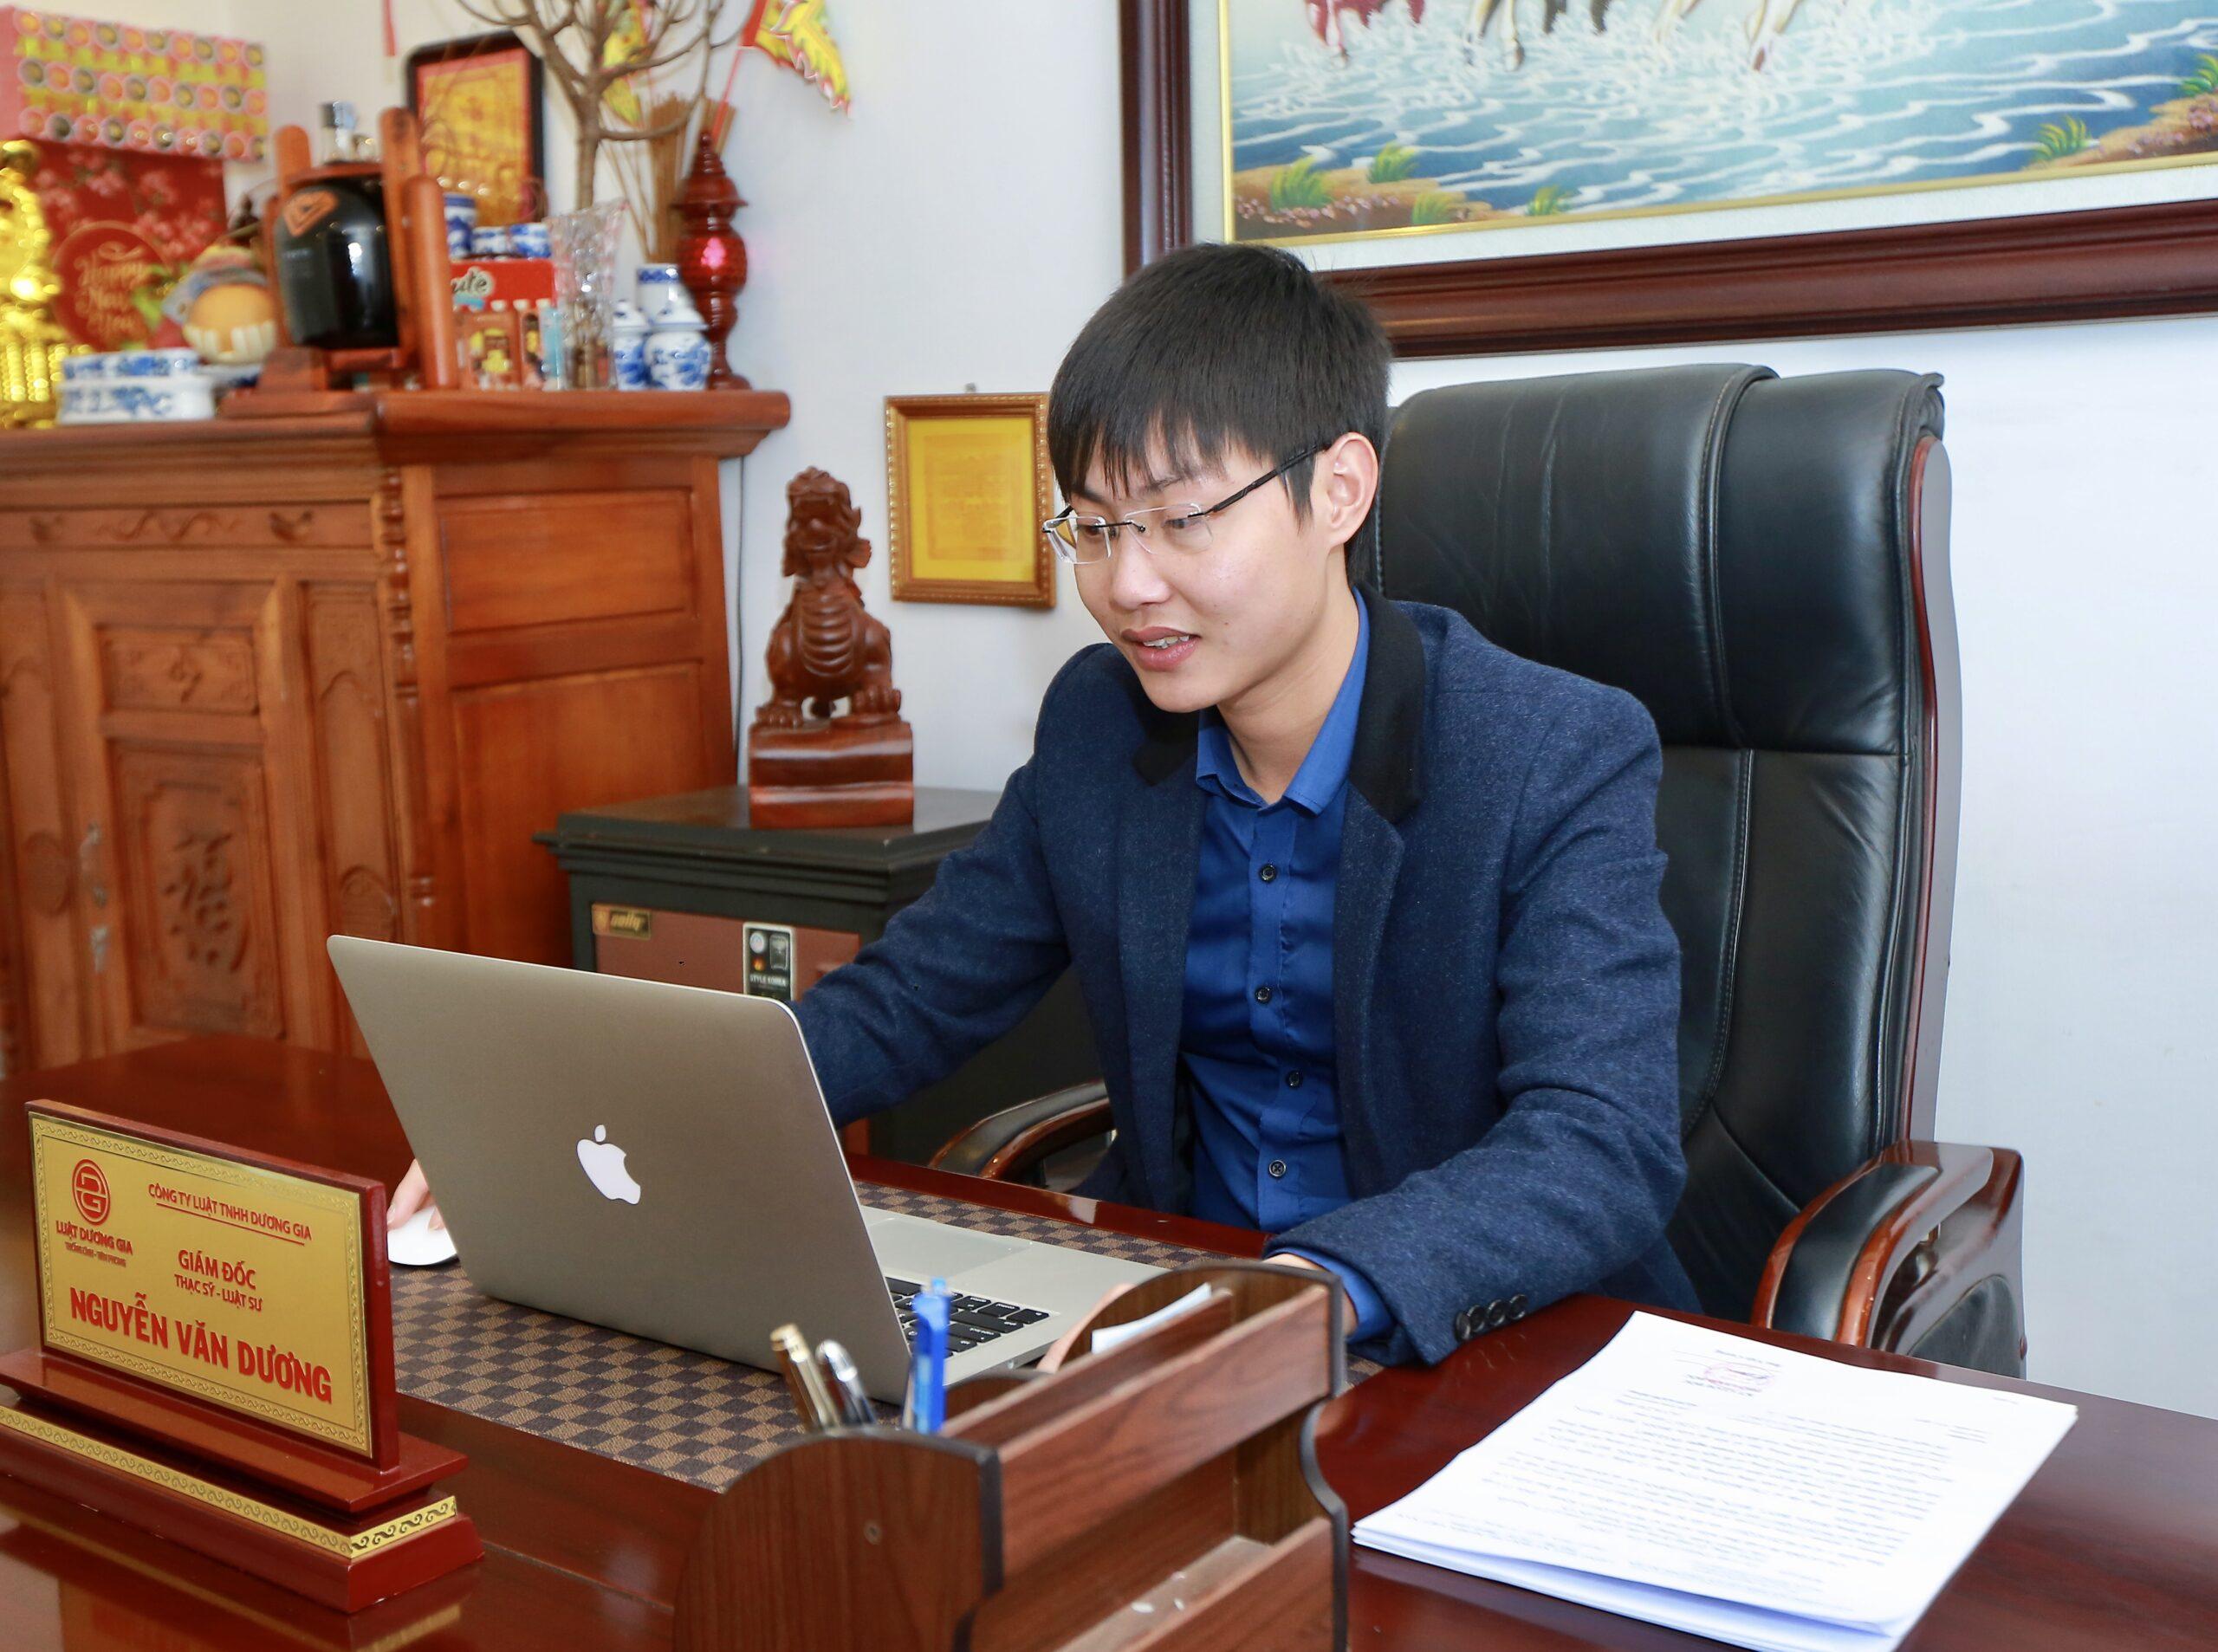 Luật sư Nguyễn Văn Dương - Giám đốc điều hành Công ty Luật TNHH Dương Gia